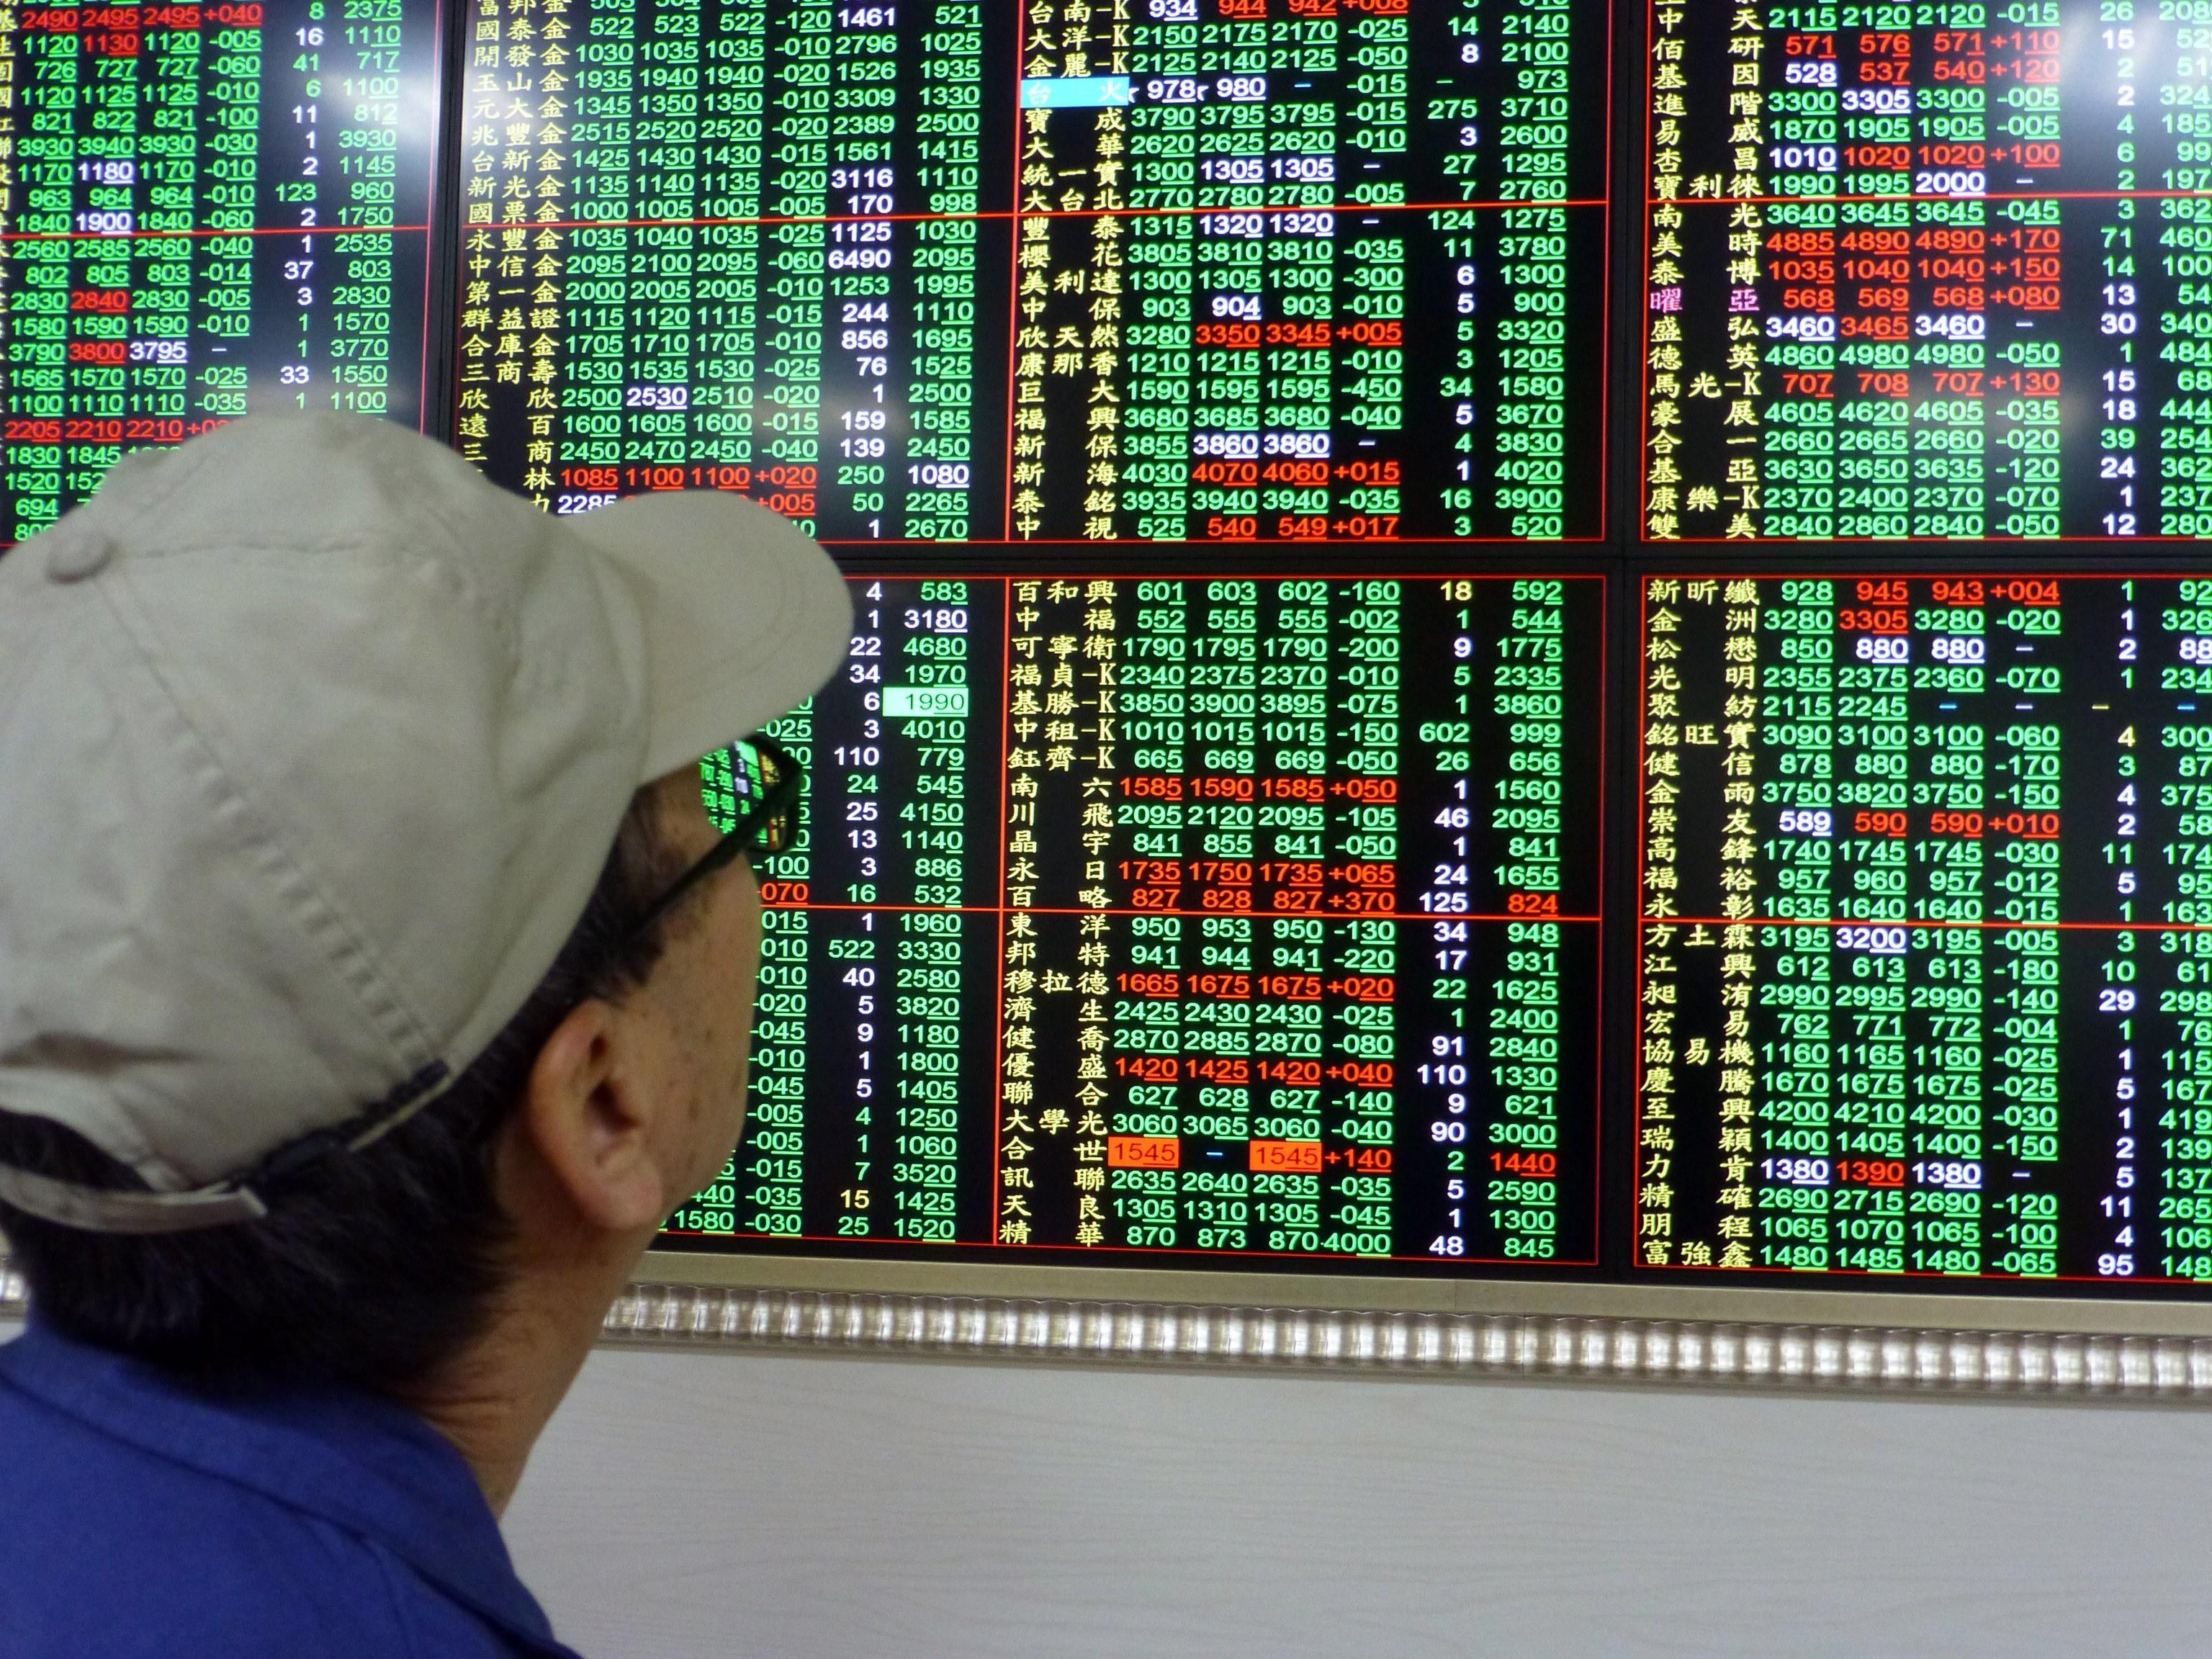 Bolsa de Xangai encerra com ligeira subida de 0,09%